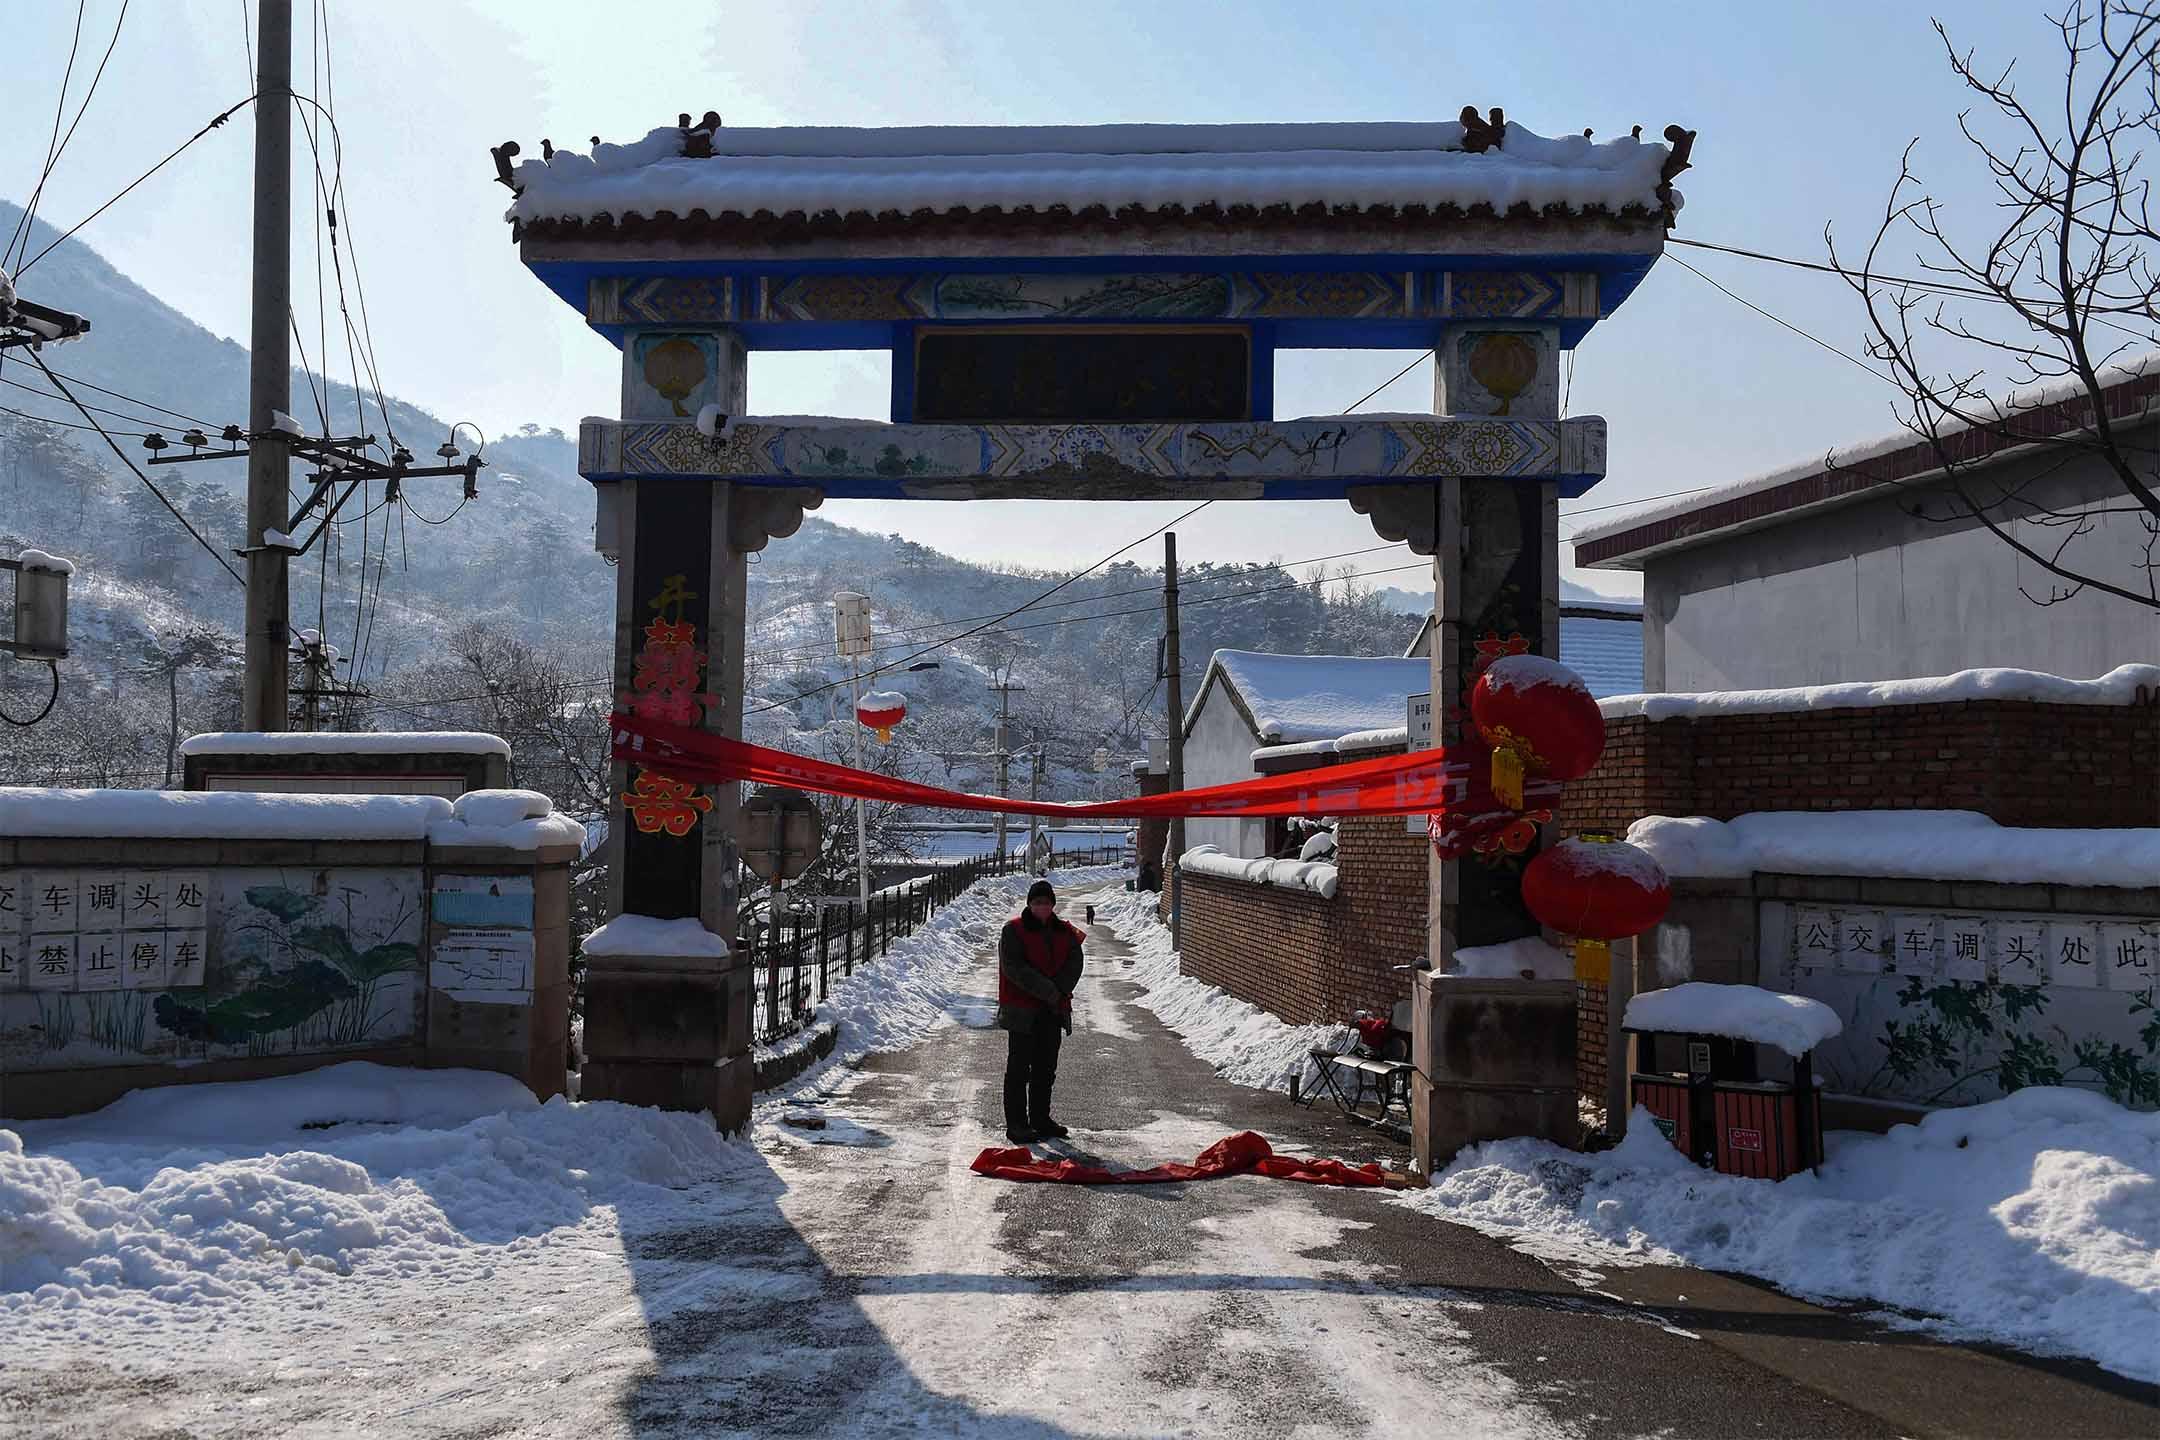 2020年2月7日,在北京北面一個農村的入口被封鎖,以阻止新型冠狀病毒傳播。 攝:Greg Baker/AFP via Getty Images